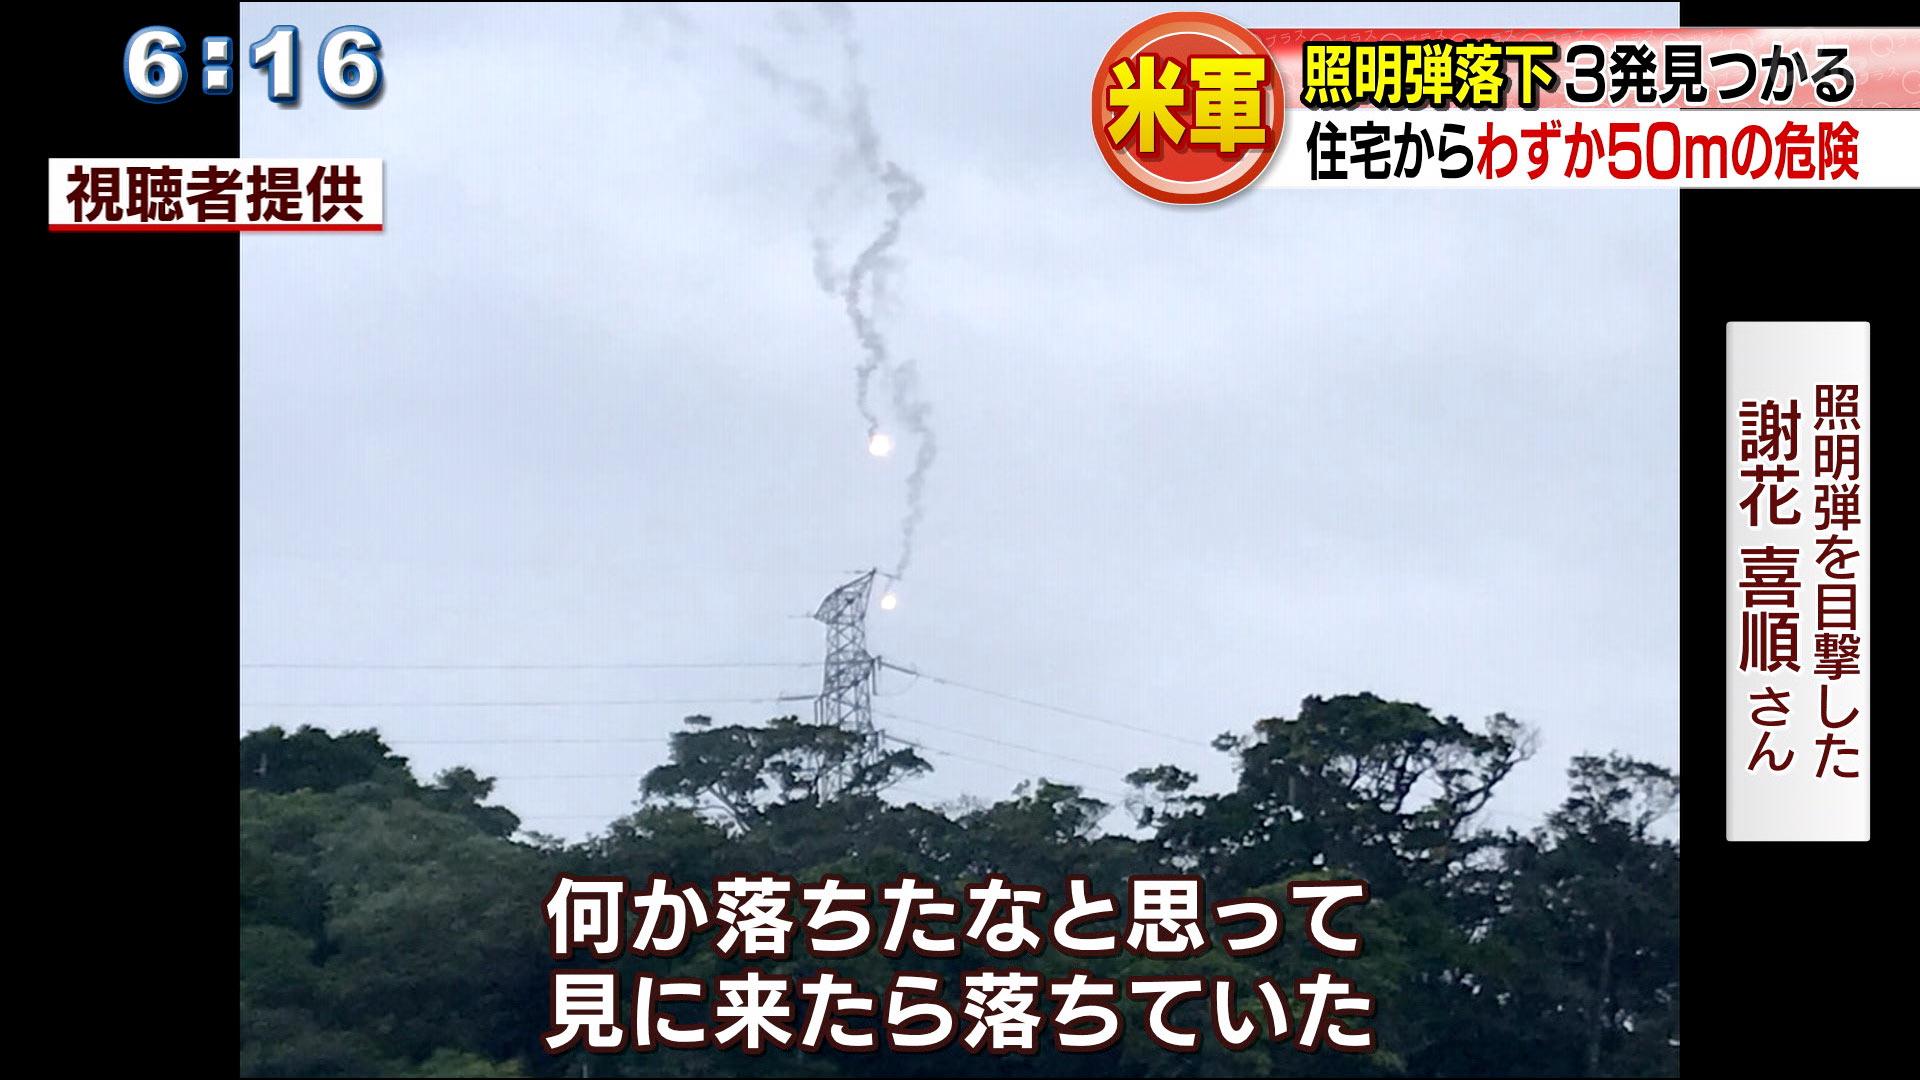 地元住民らは沖縄防衛局の職員に対しアメリカ軍側に原因の究明と抗議を伝えるよう申し入れました。